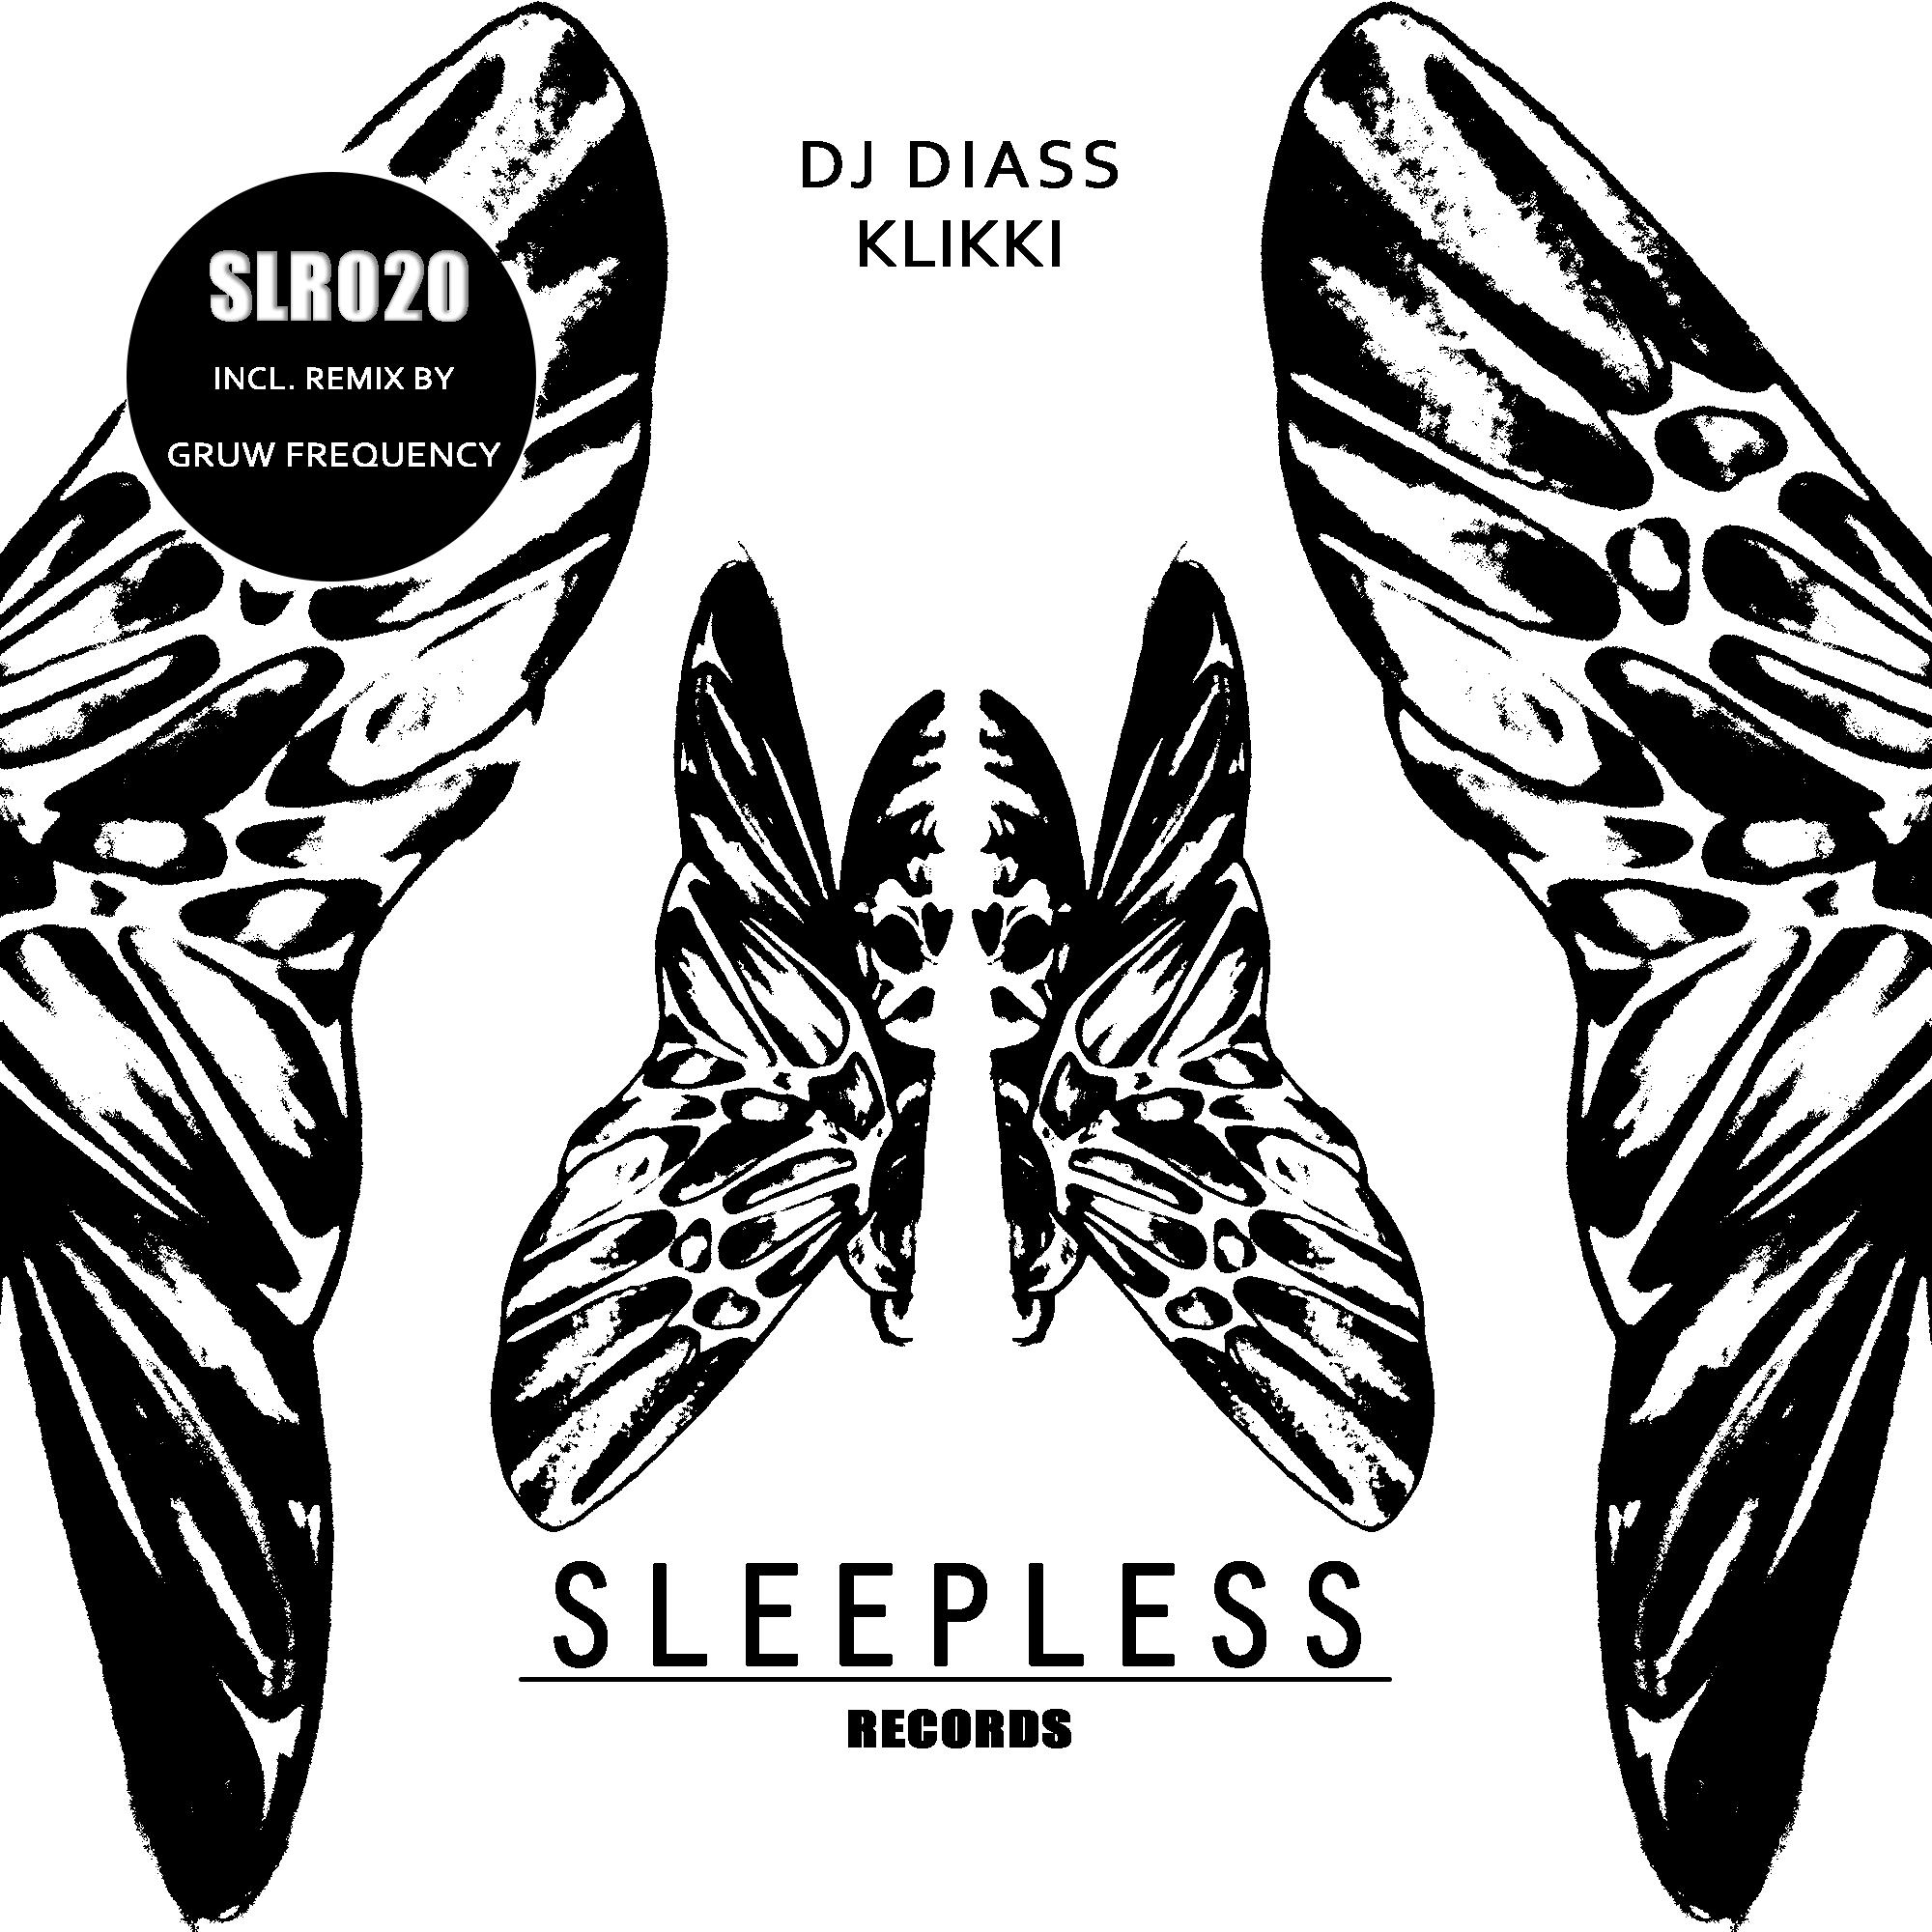 Dj Diass – Klikki (Gruw Frequency Remix)(Sleepless Records)